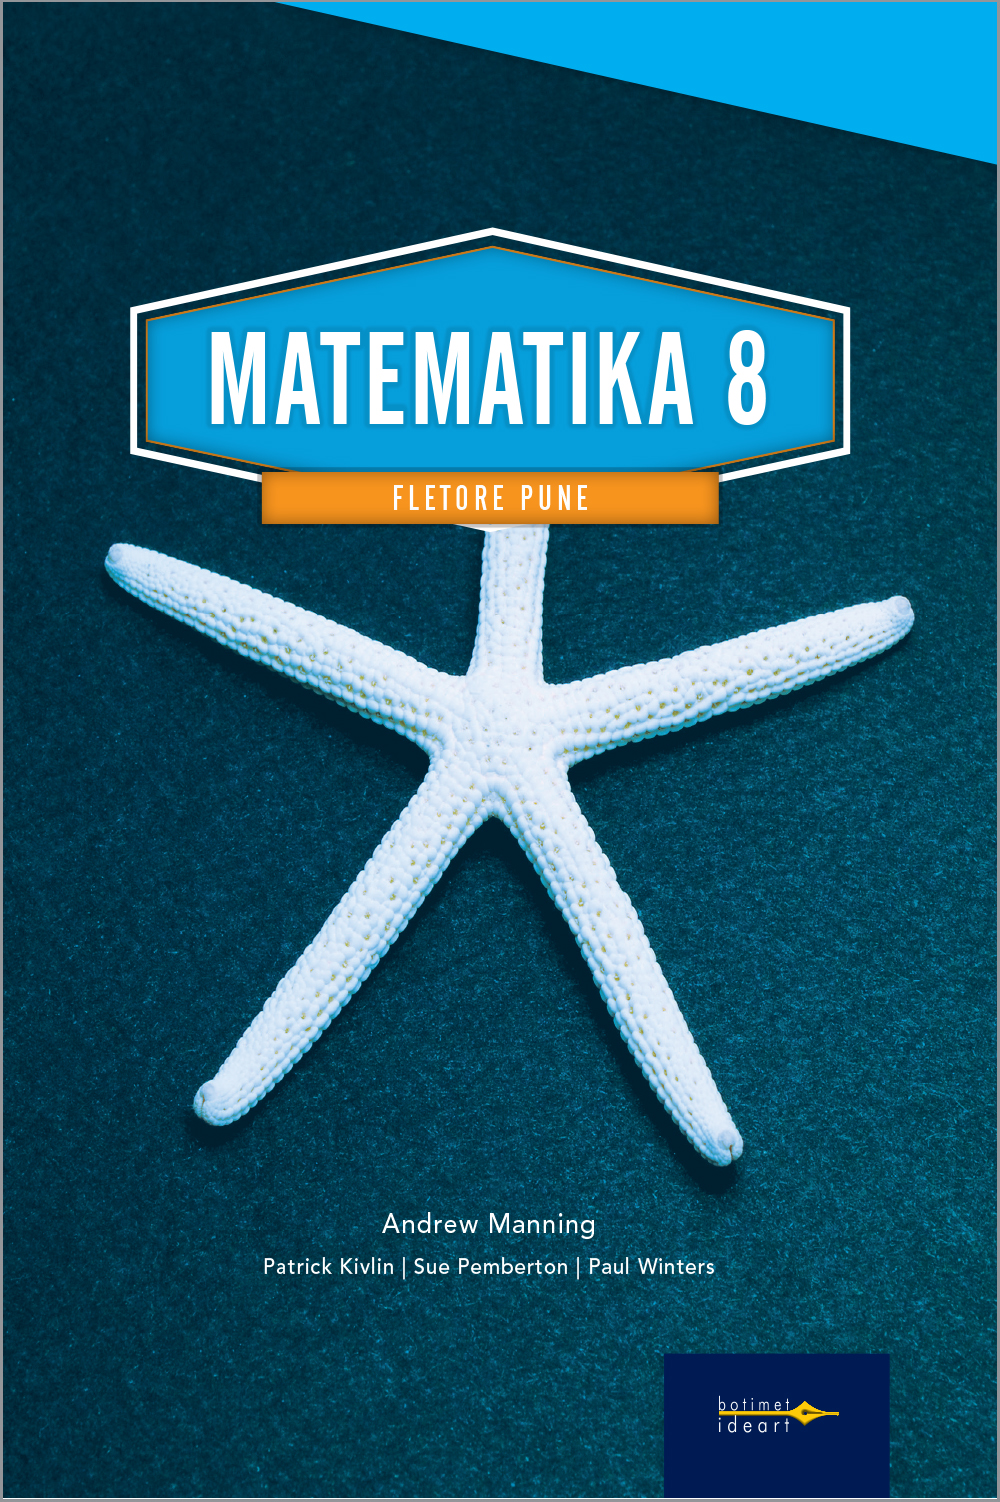 Fletore Pune<br>Matematika 8